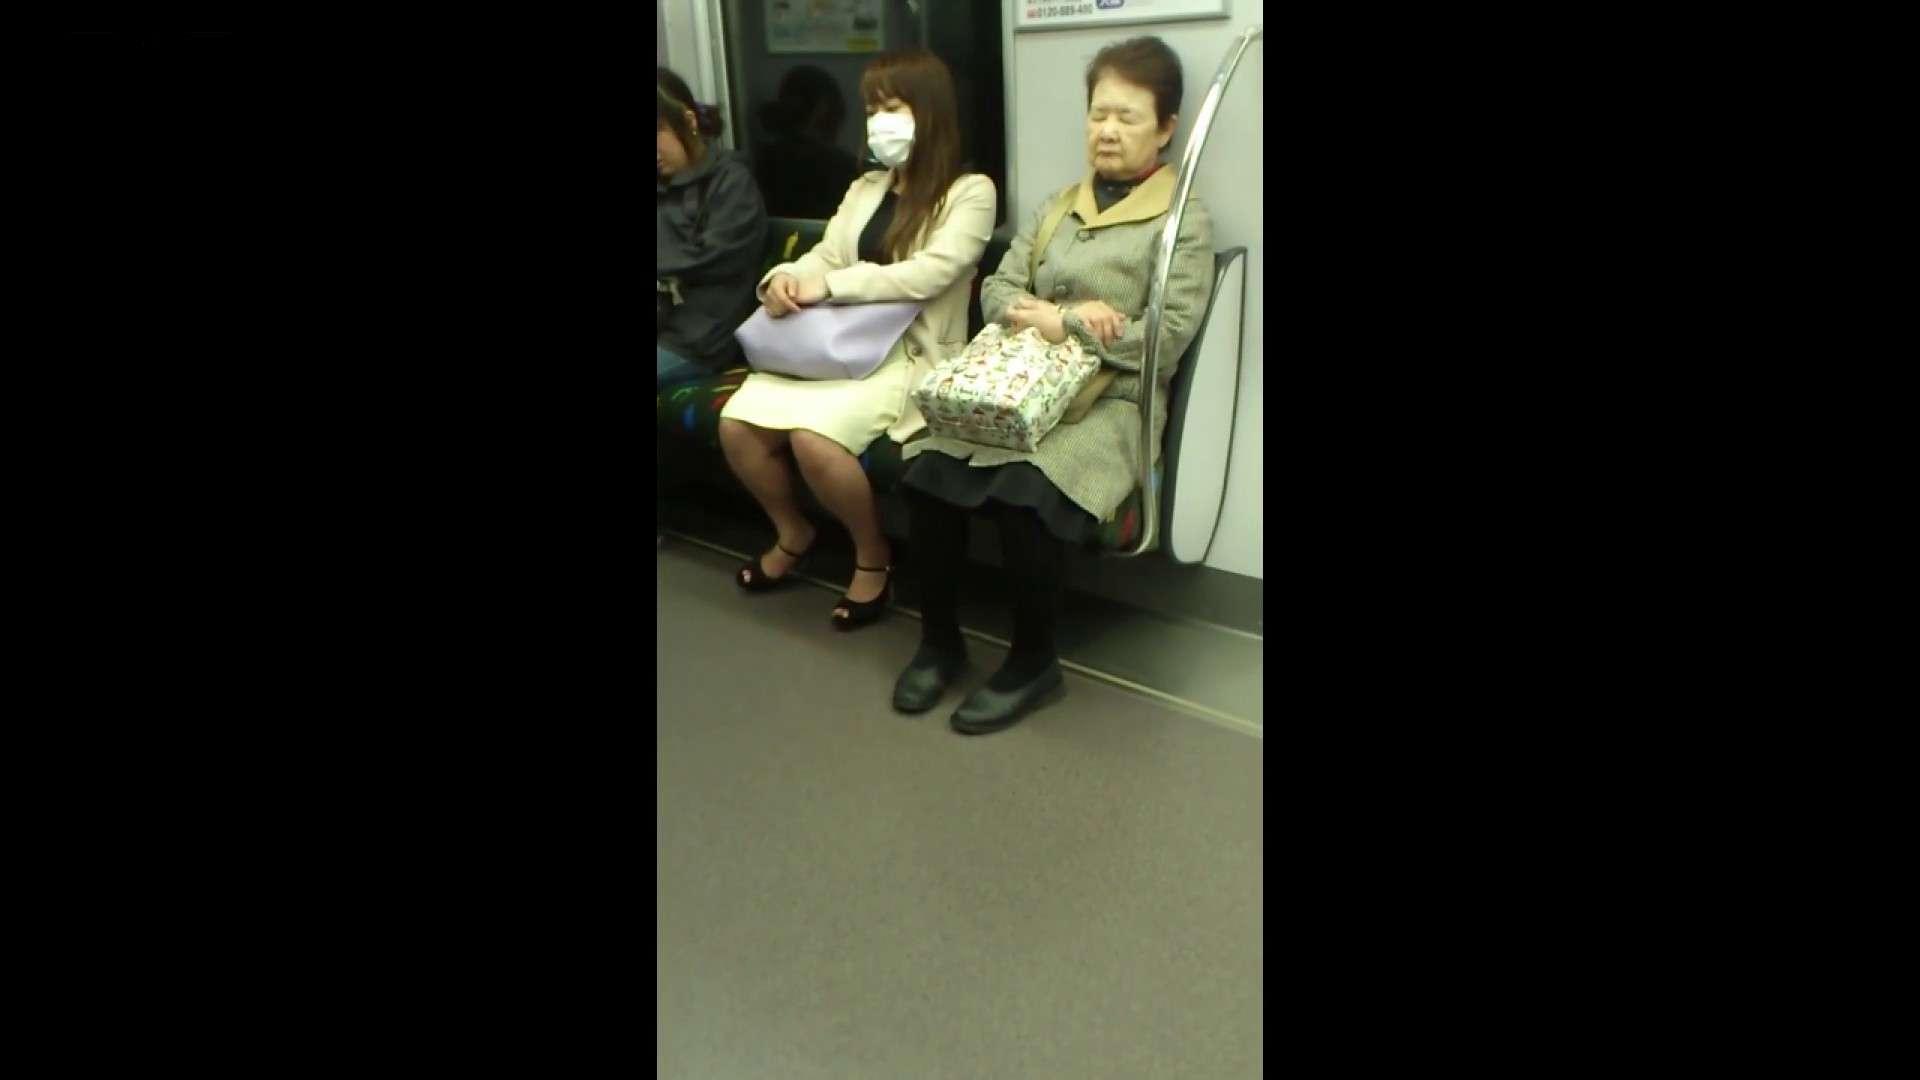 盗撮列車 Vol.55 黄色の爽やかなスカートが大好きです。 盗撮エロすぎ | OL  38連発 31